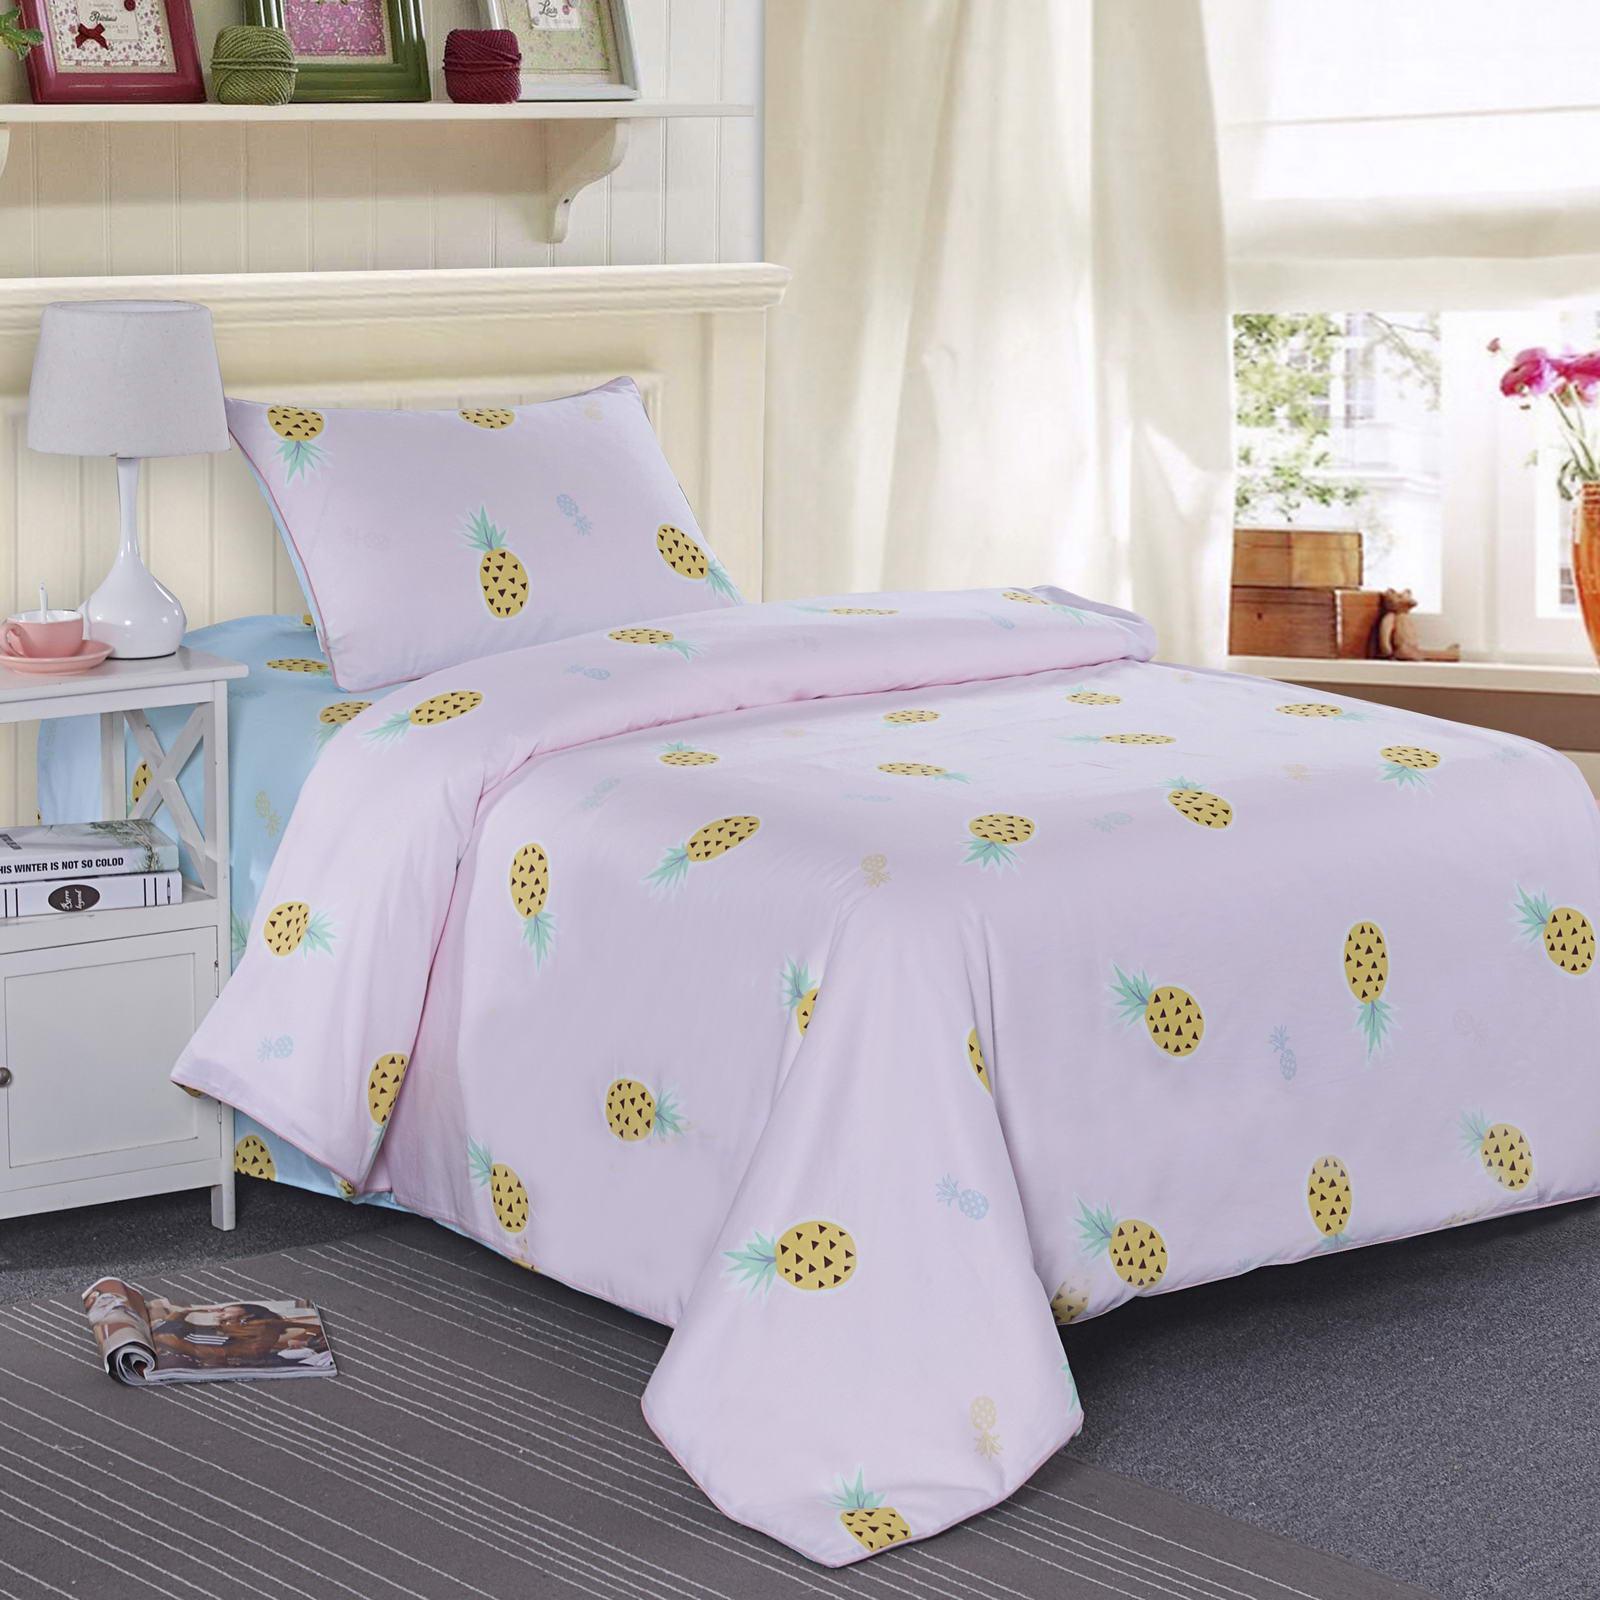 Комплект постельного белья детский Sofi de Marko 1,5-спальный наволочка 50x70, Дет-562